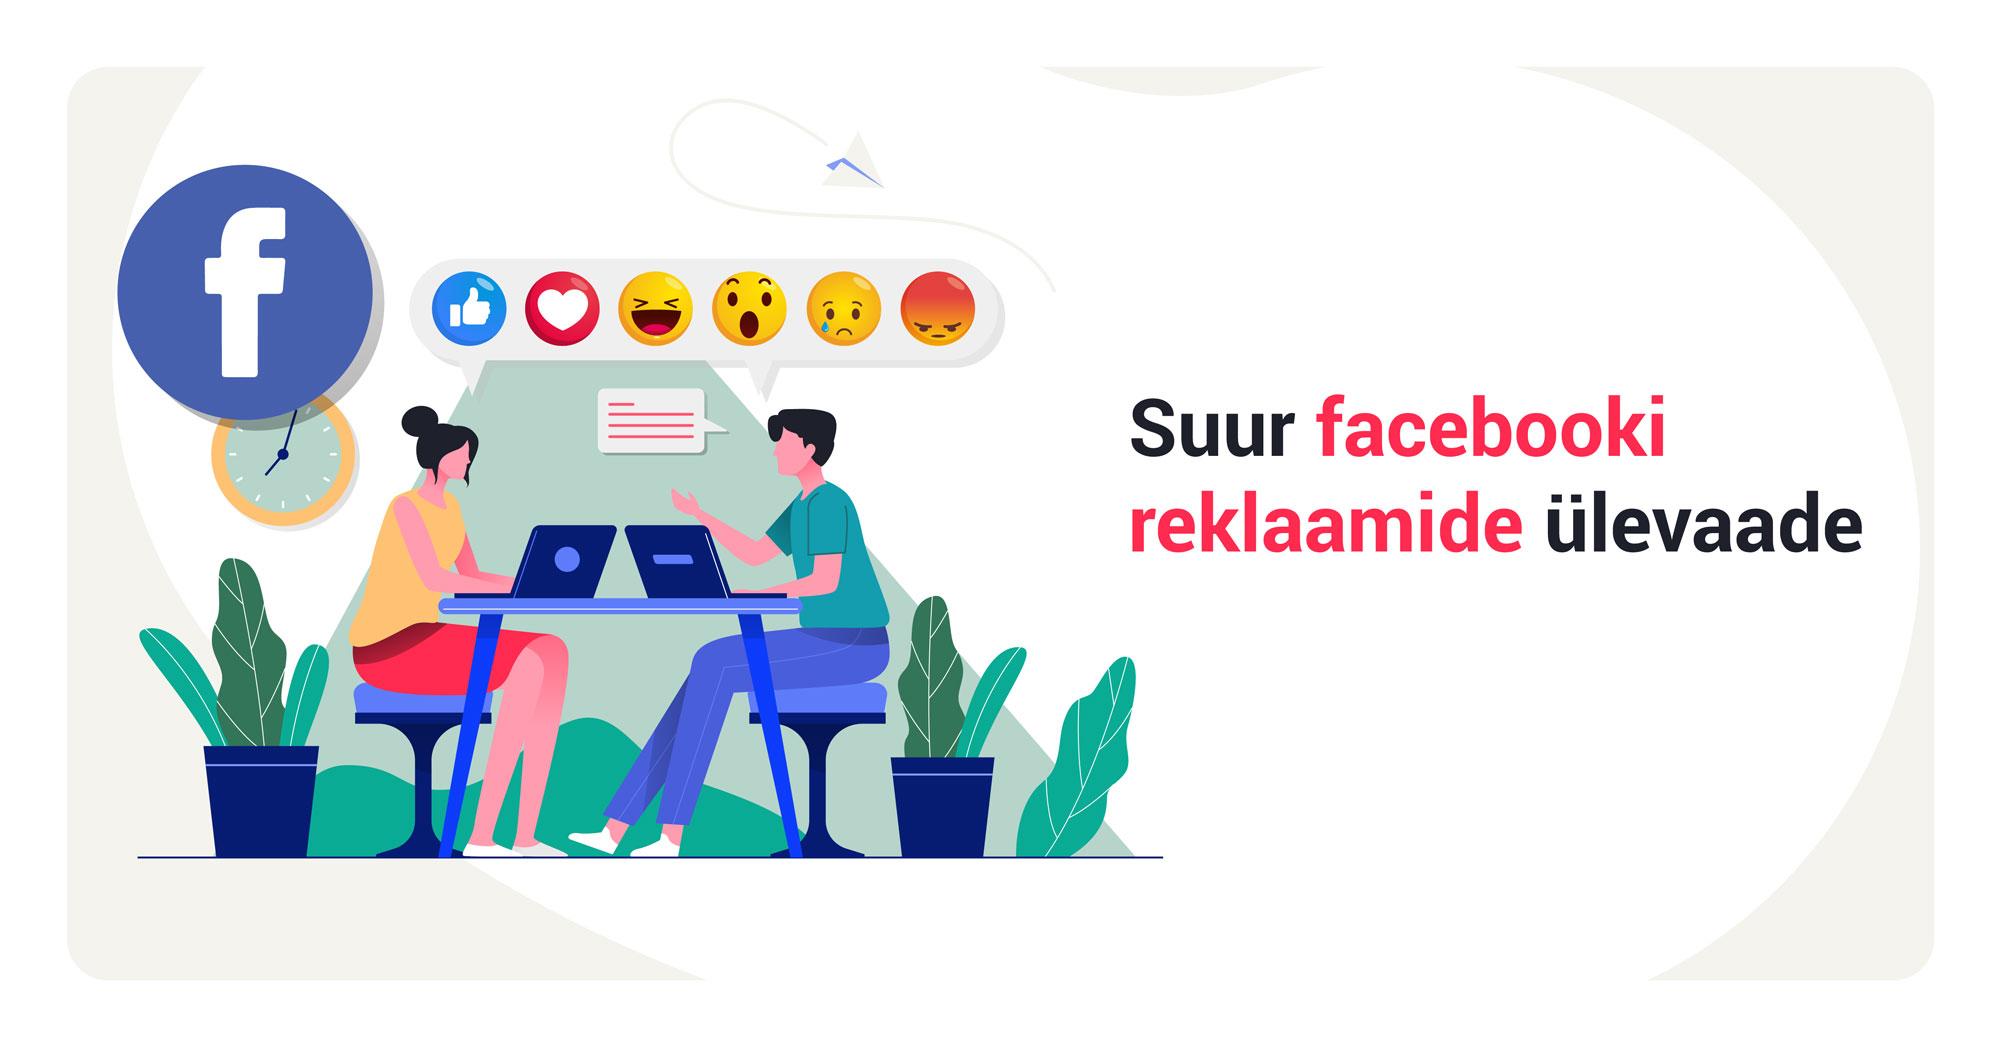 Facebooki reklaamide analüüs